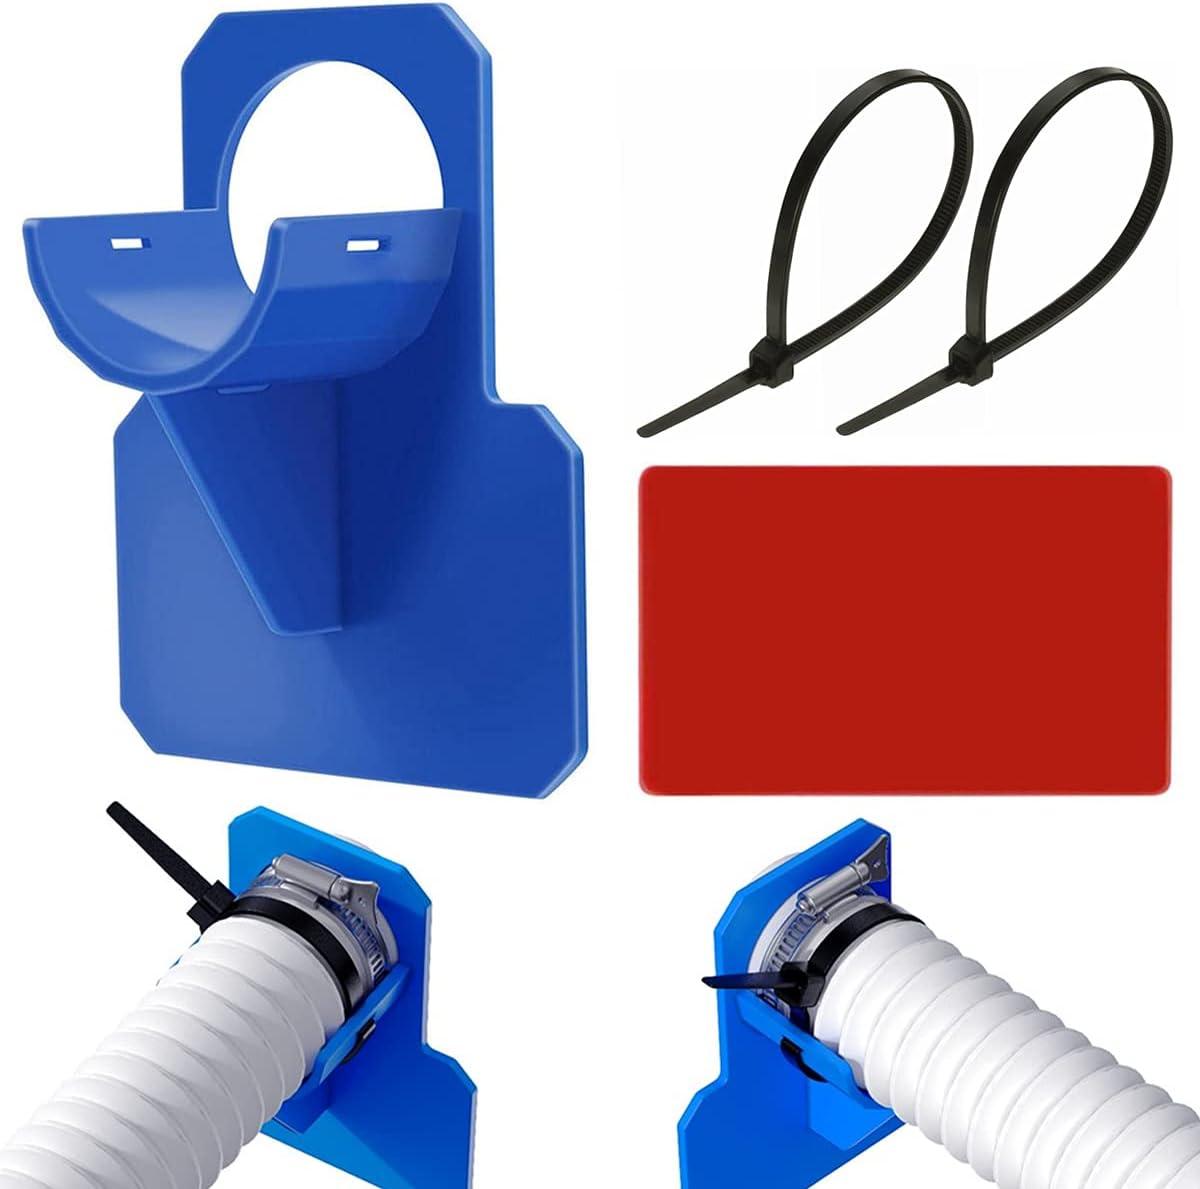 Soportes para Tubos de Piscina, Soporte para Tubos de Piscina para Intex y Bestway, para Tubos 30-37 mm, Soporte Manguera Piscina Accesorios